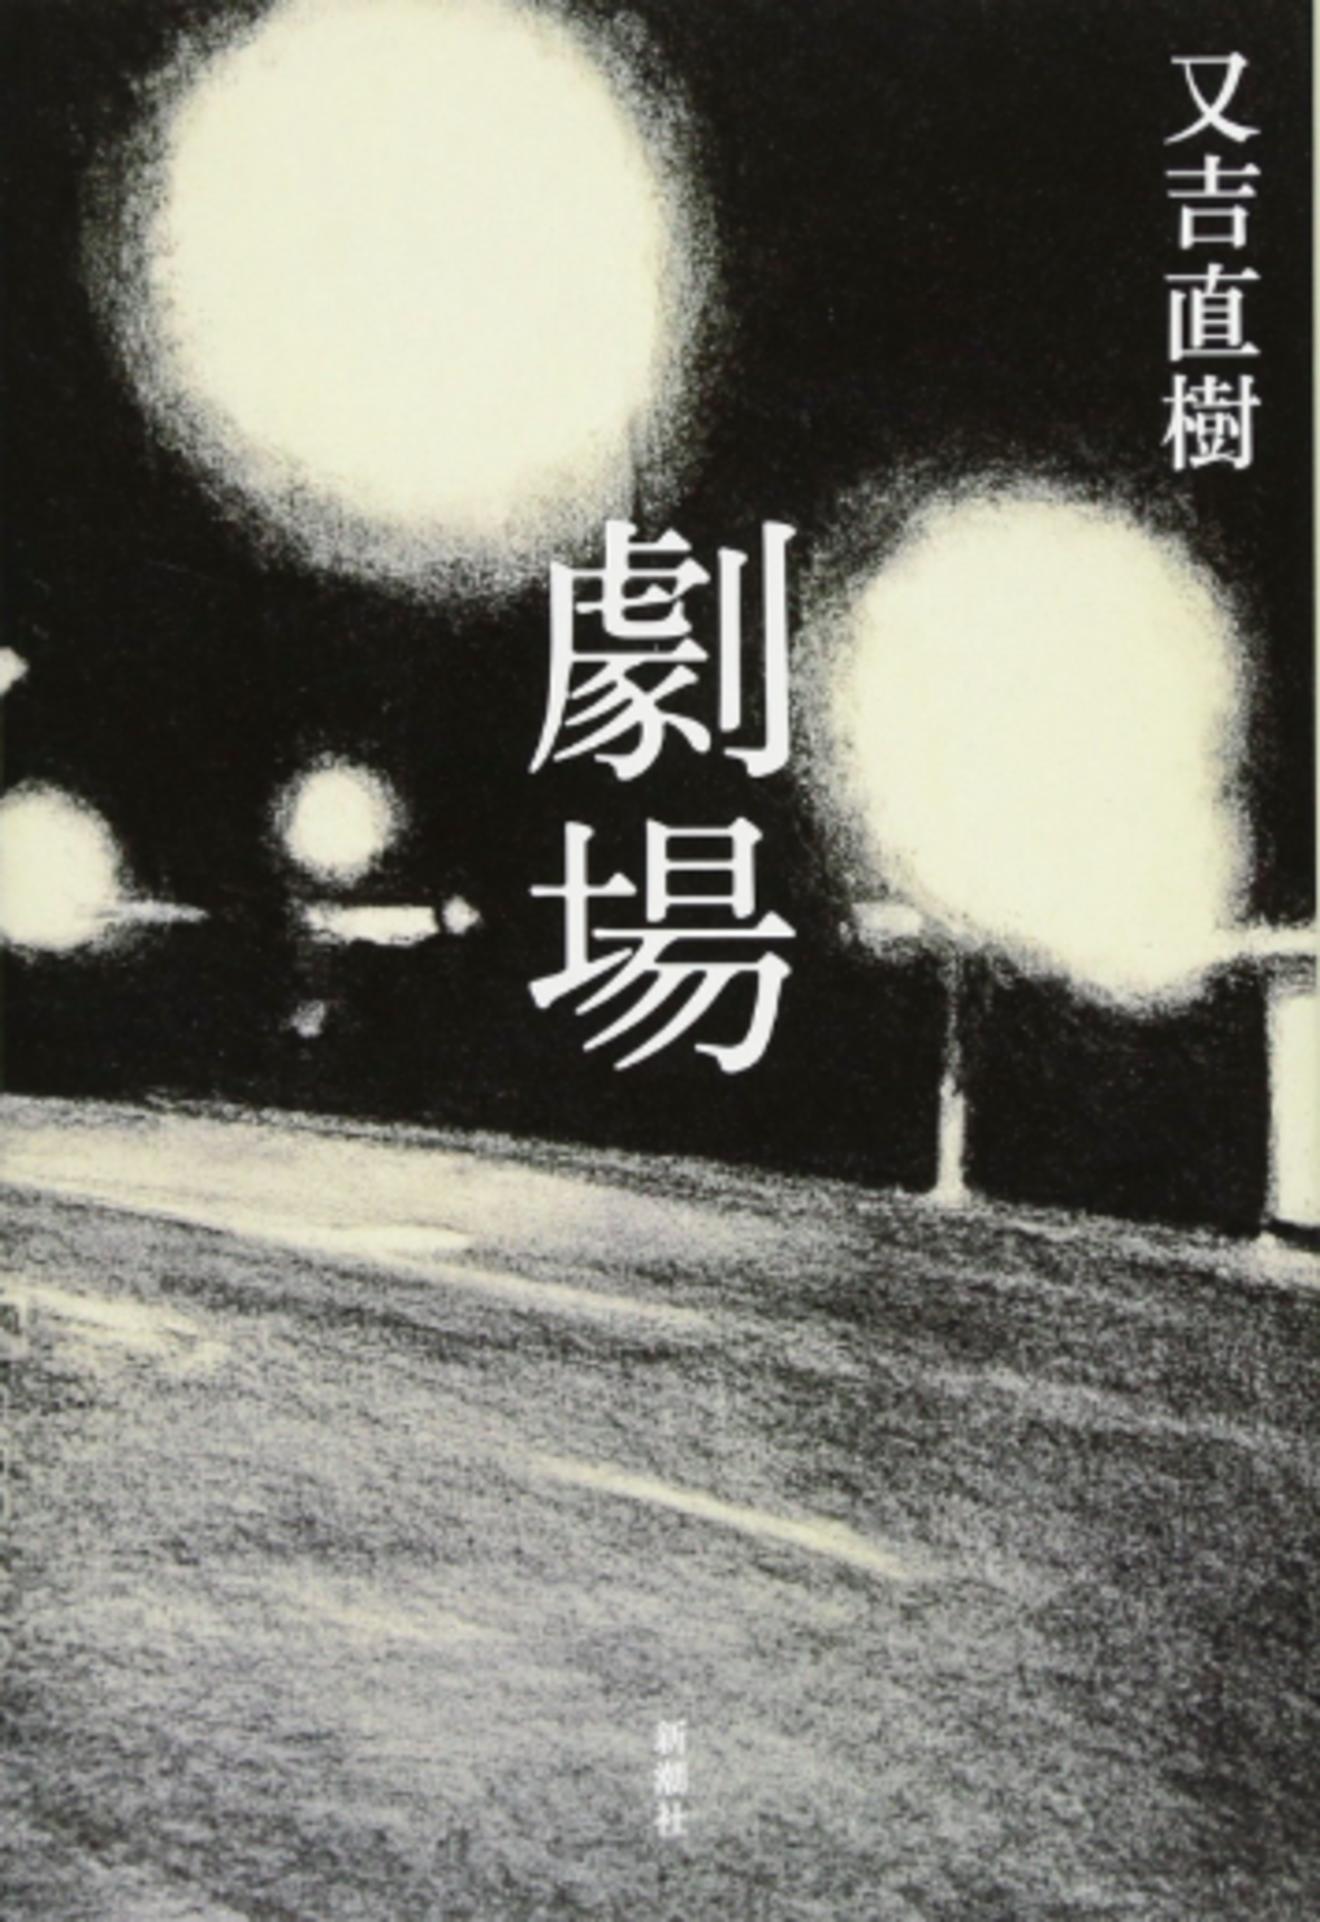 又吉直樹『劇場』切ない魅力を結末までネタバレ!山崎賢人が主演で映画化!